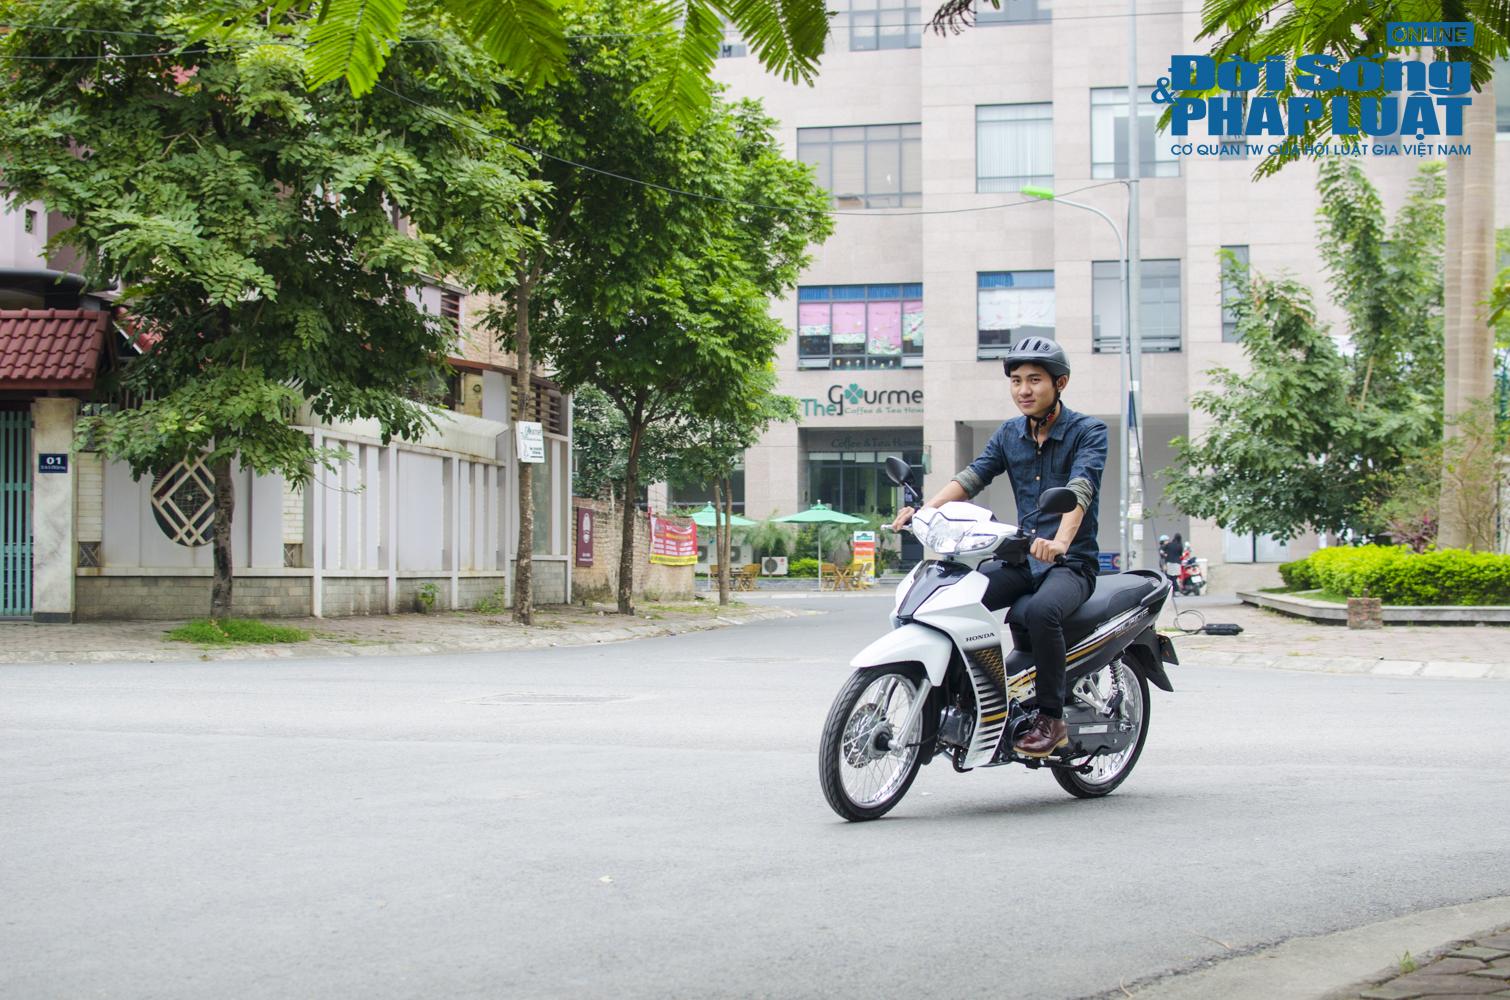 Trải nghiệm Honda Blade 110 vi vu phố Hà thành - Ảnh 2